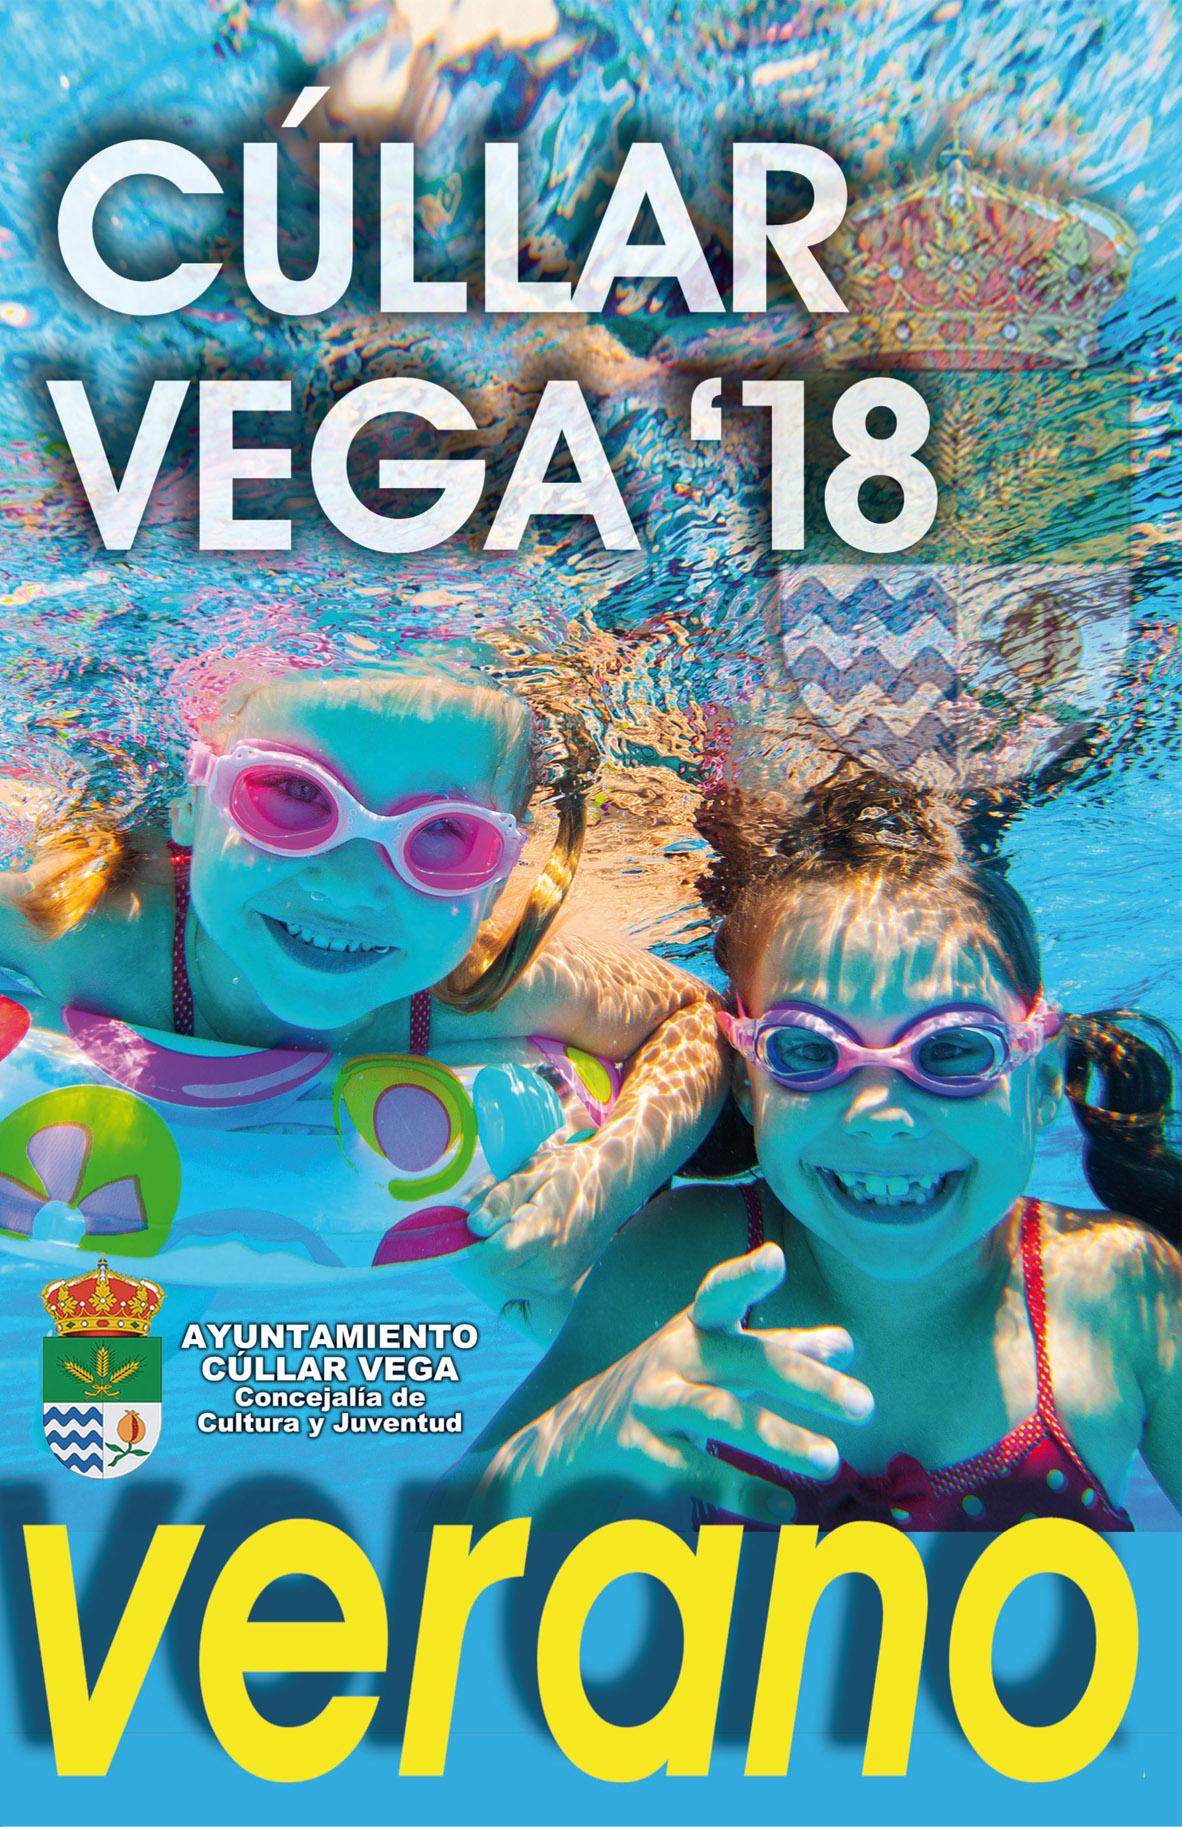 Programación Verano 2018 en Cúllar Vega